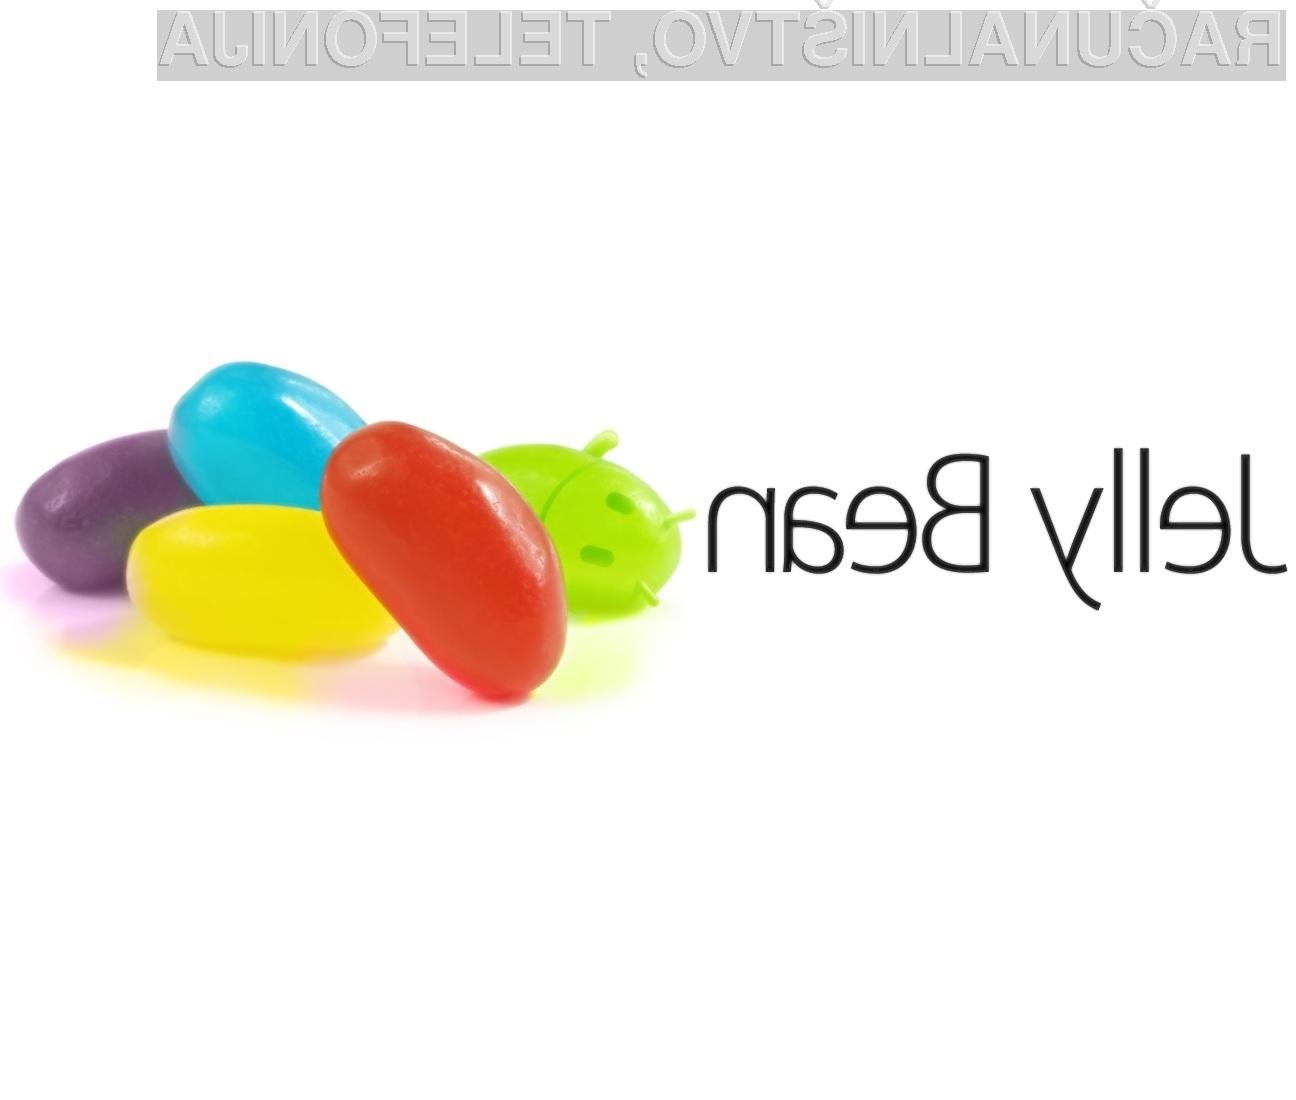 Uporabniki pametnih telefonov operacijski sistem Jelly Bean že težko pričakujejo.